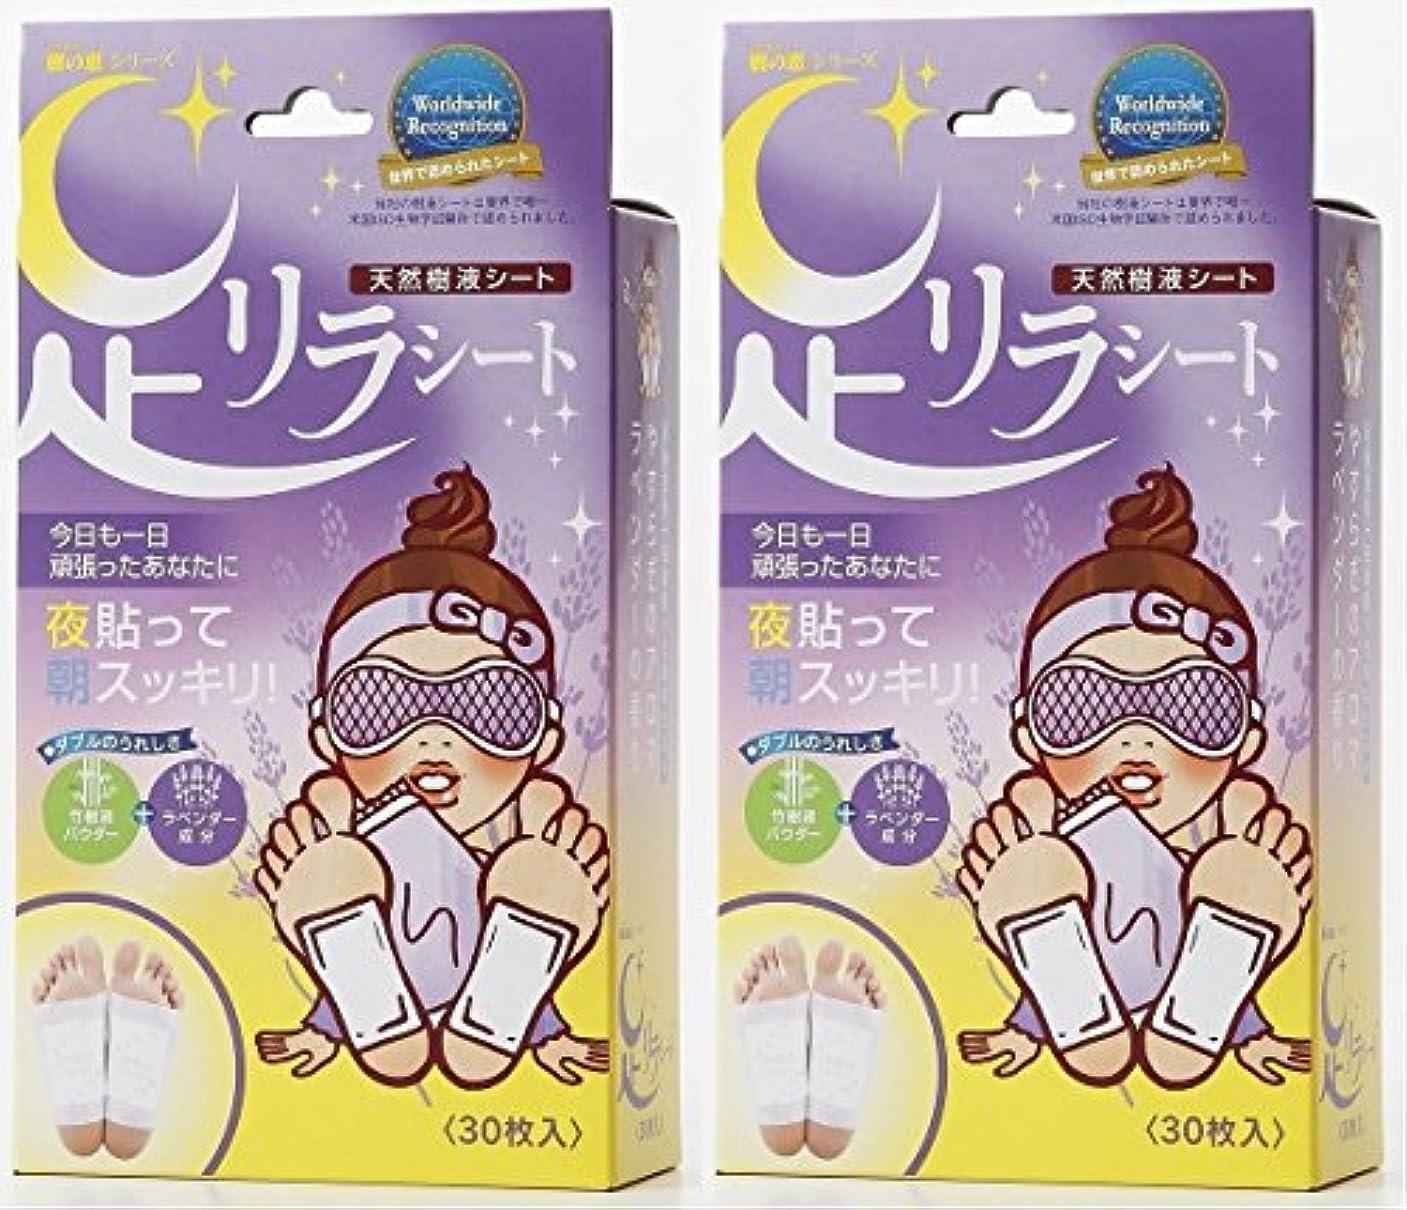 豆腐適度な構造足リラシート ラベンダー30枚入×2箱セット